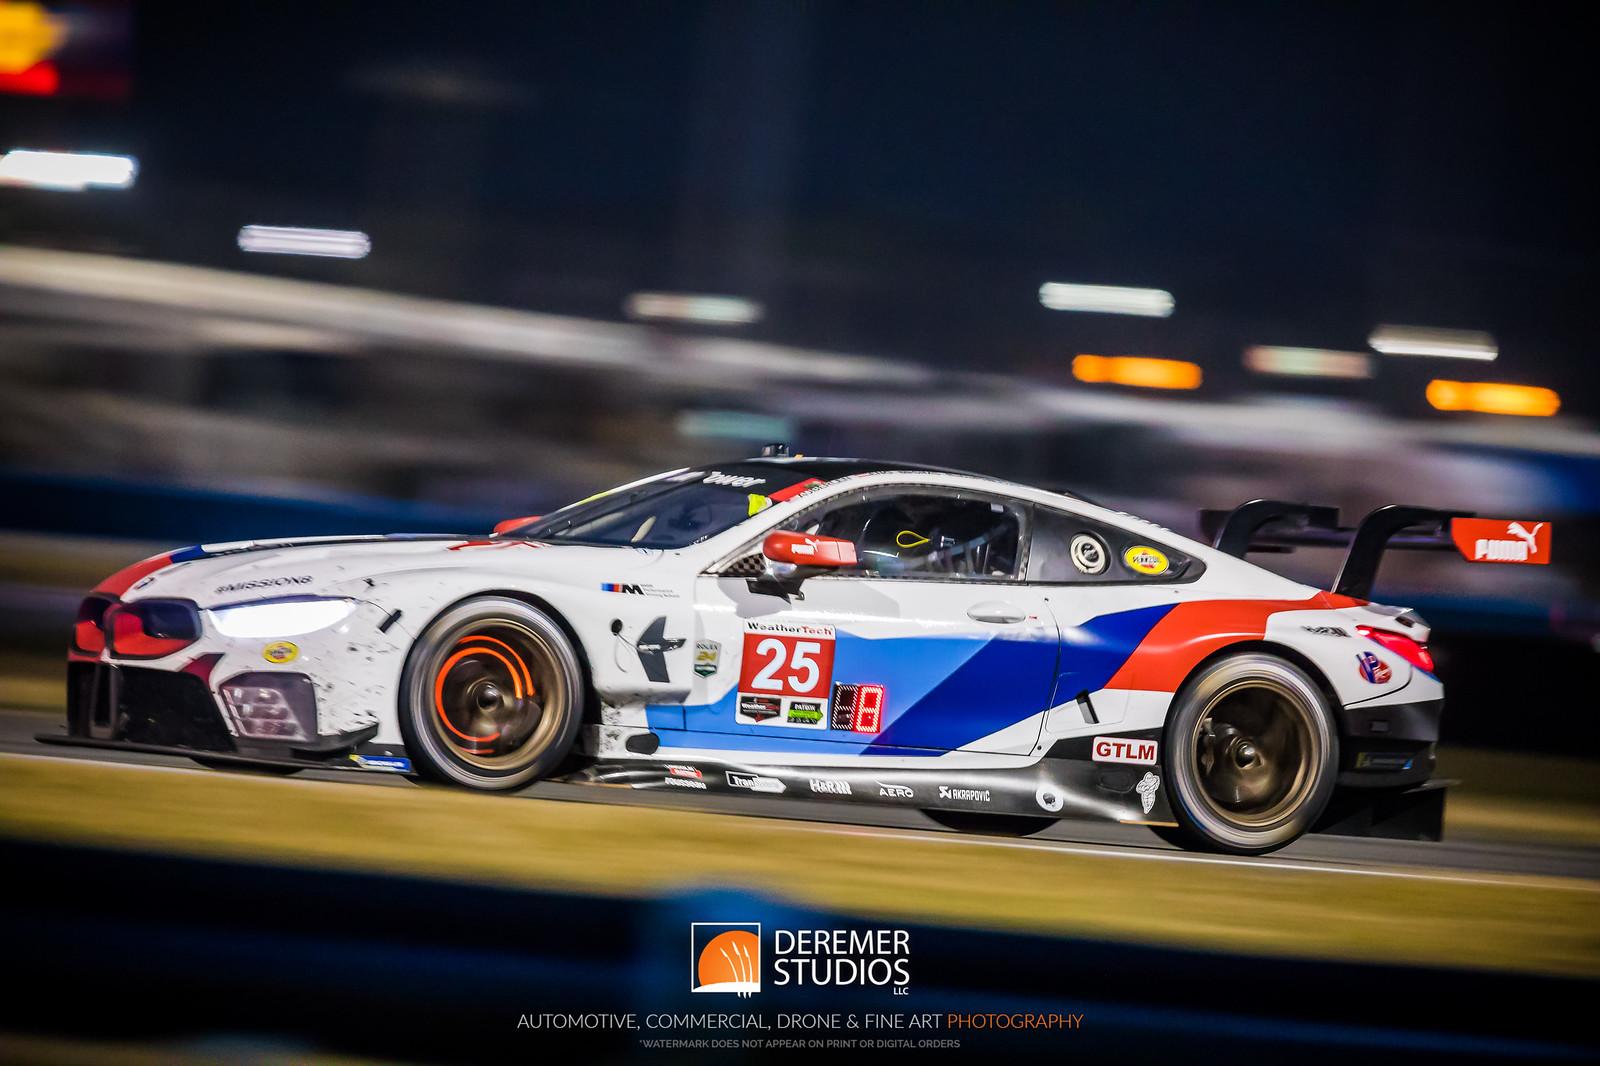 2018 - 56th Rolex 24 - Daytona 168A - Deremer Studios LLC